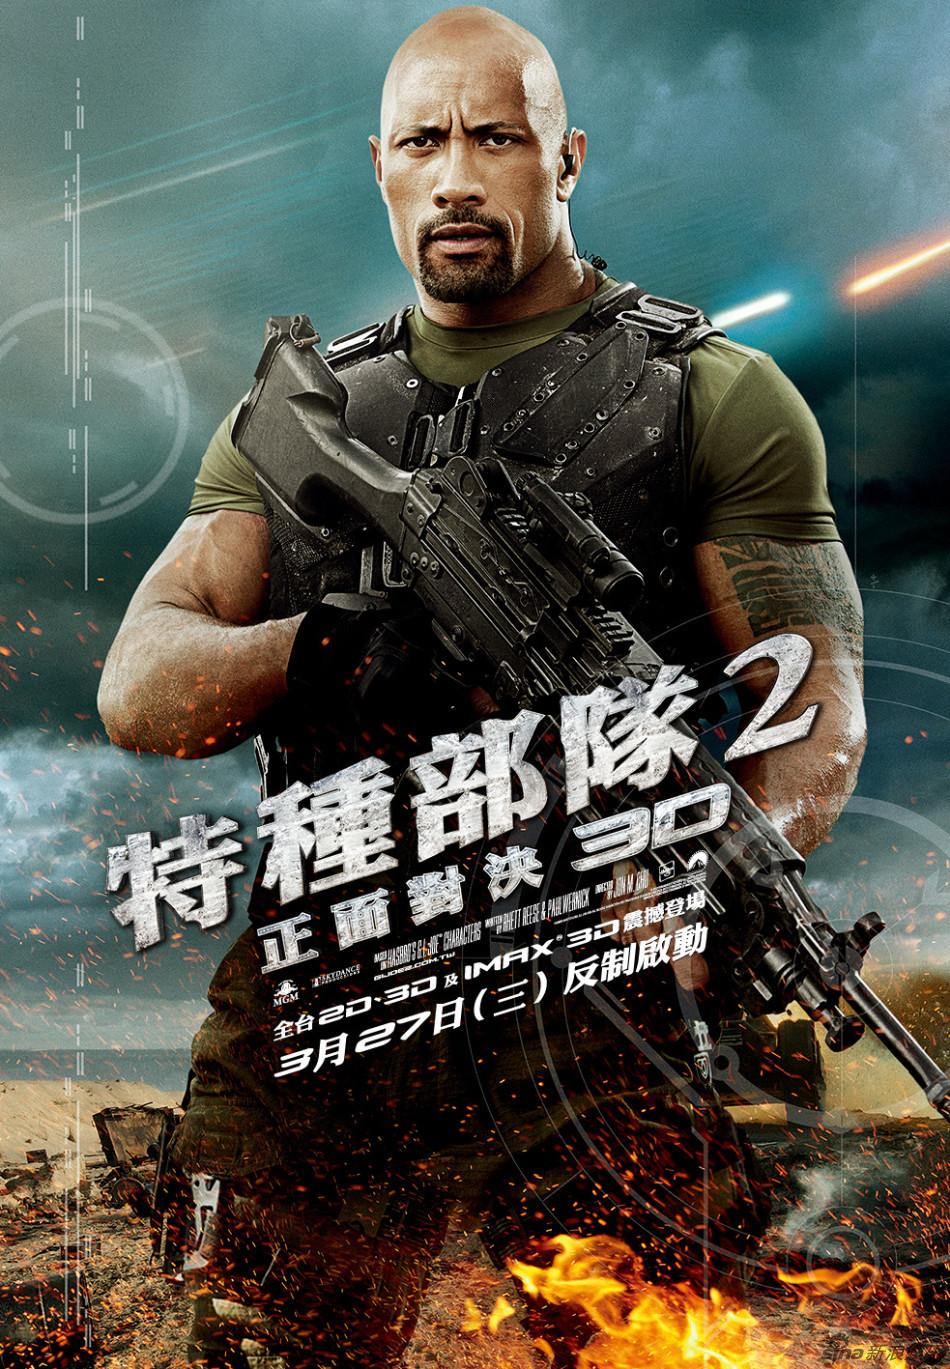 http://www.sinaimg.cn/dy/slidenews/4_img/2013_11/704_912227_632797.jpg